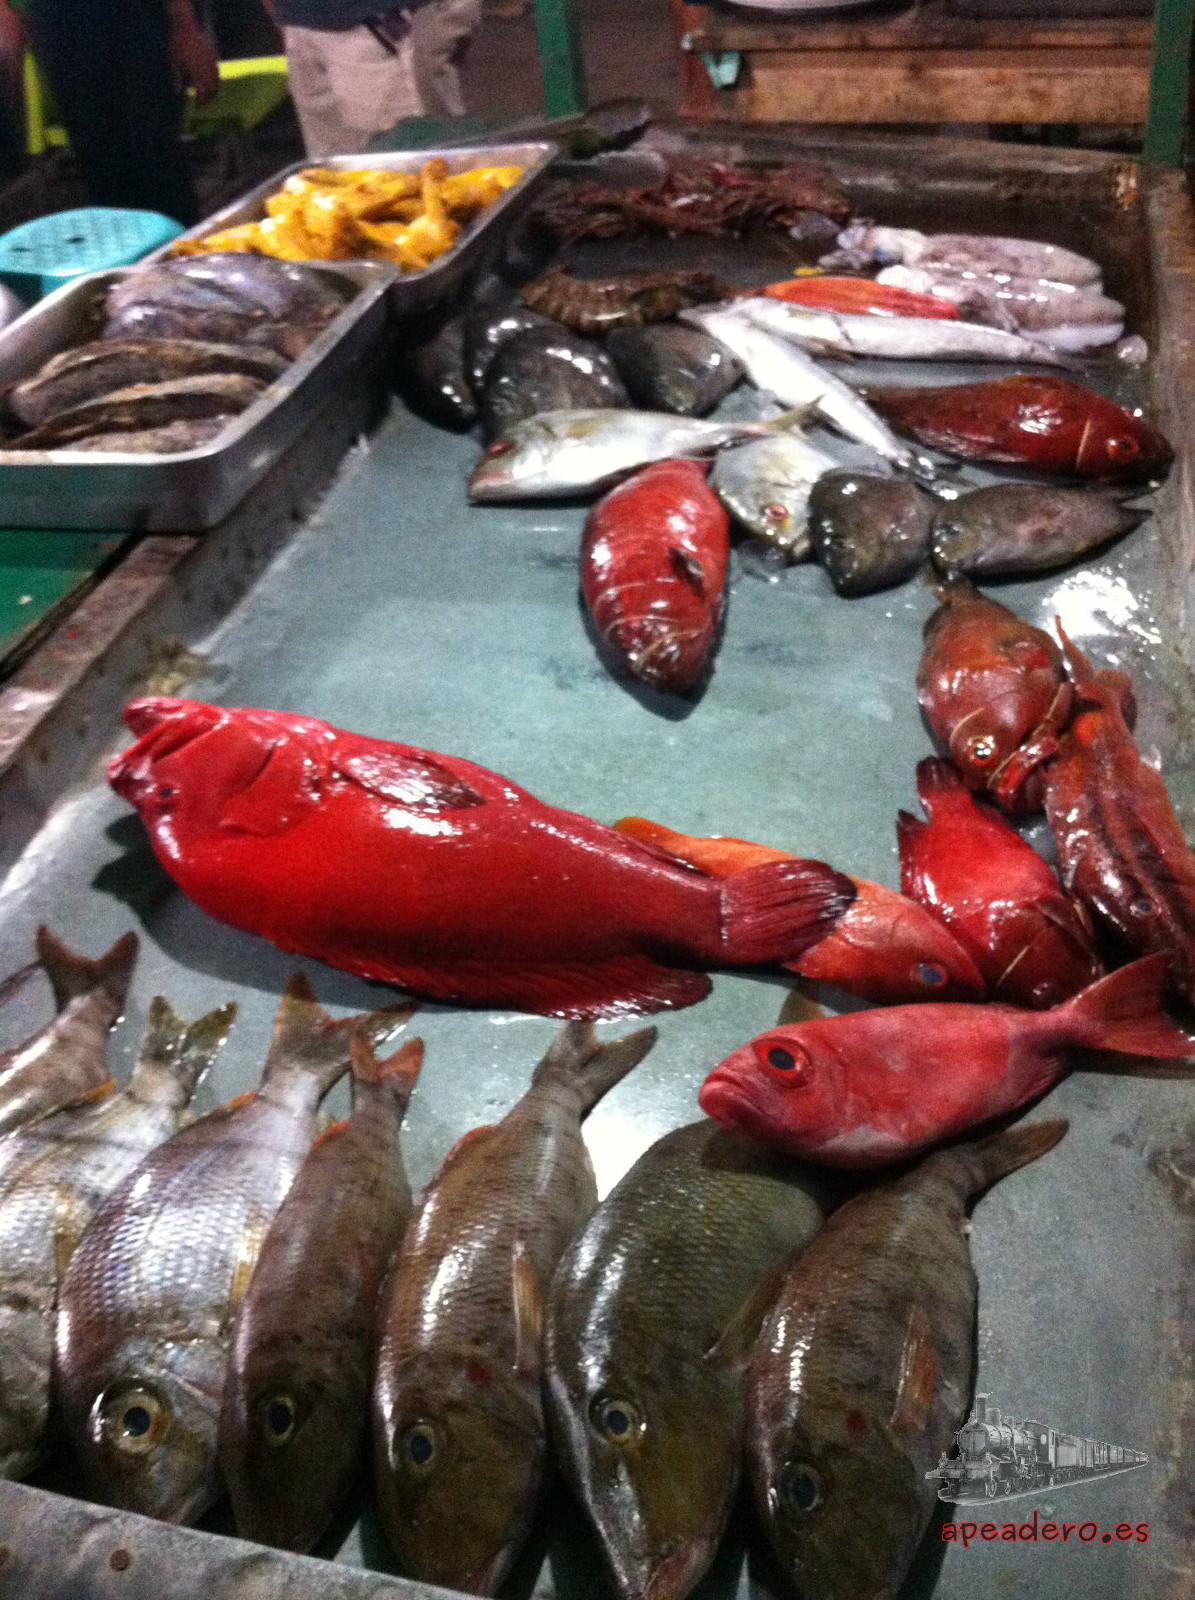 Los viajeros amantes del pescado y el marisco van a disfrutar.